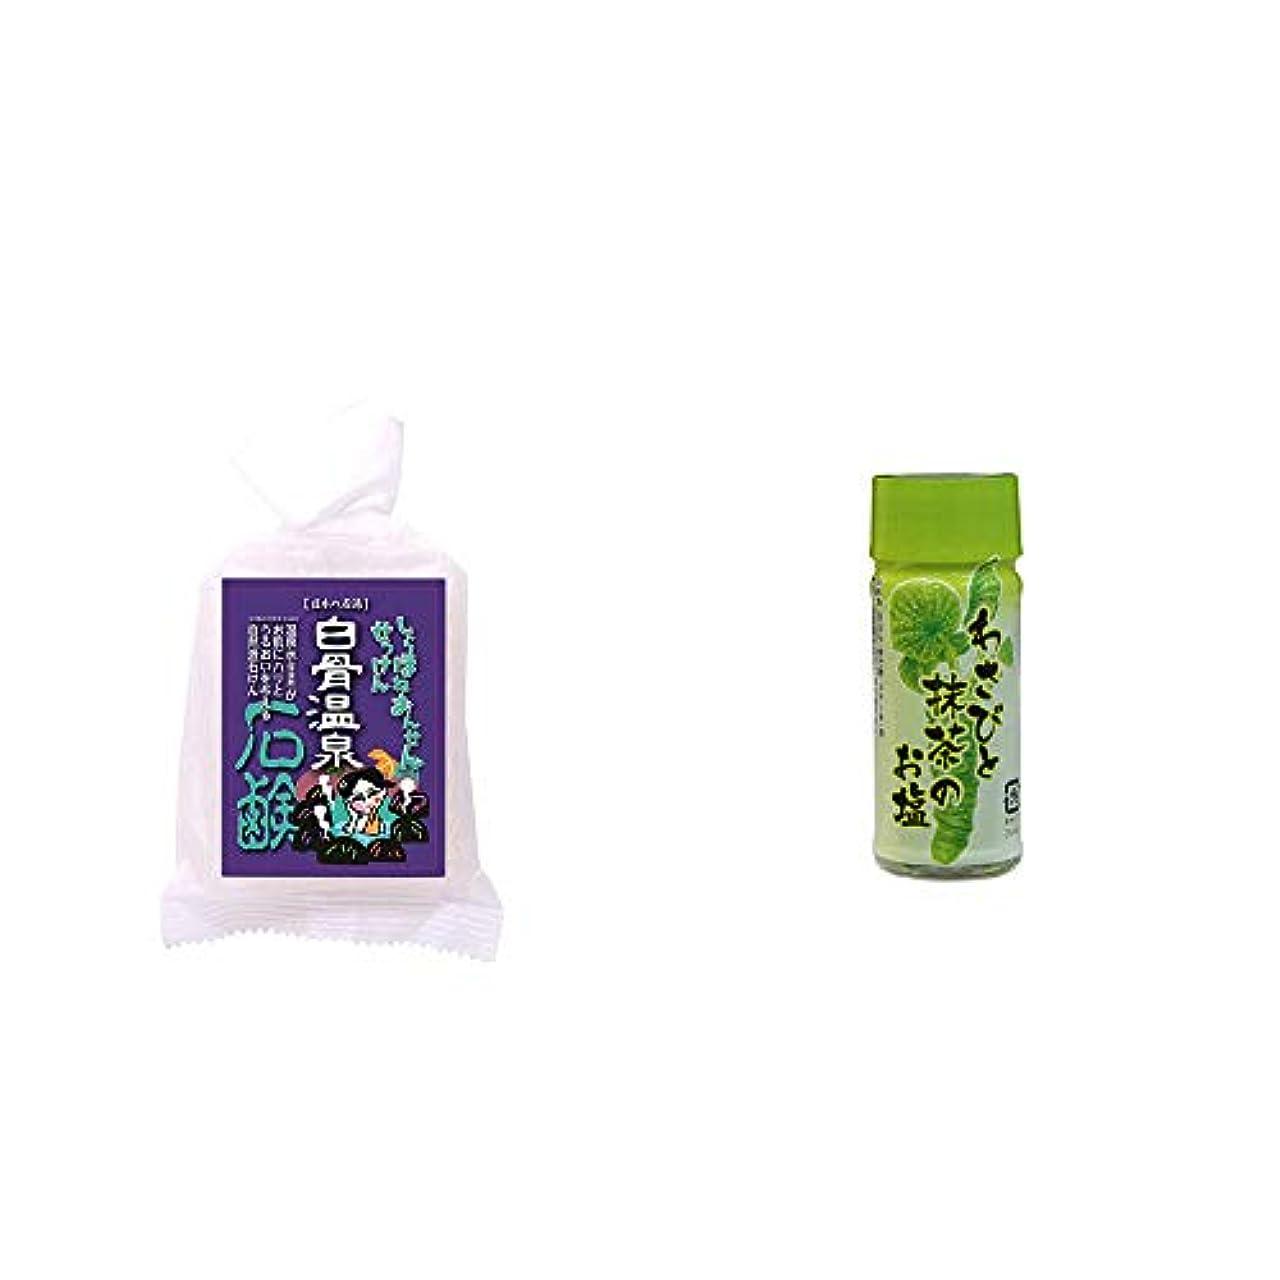 クロール経験者若い[2点セット] 信州 白骨温泉石鹸(80g)?わさびと抹茶のお塩(30g)